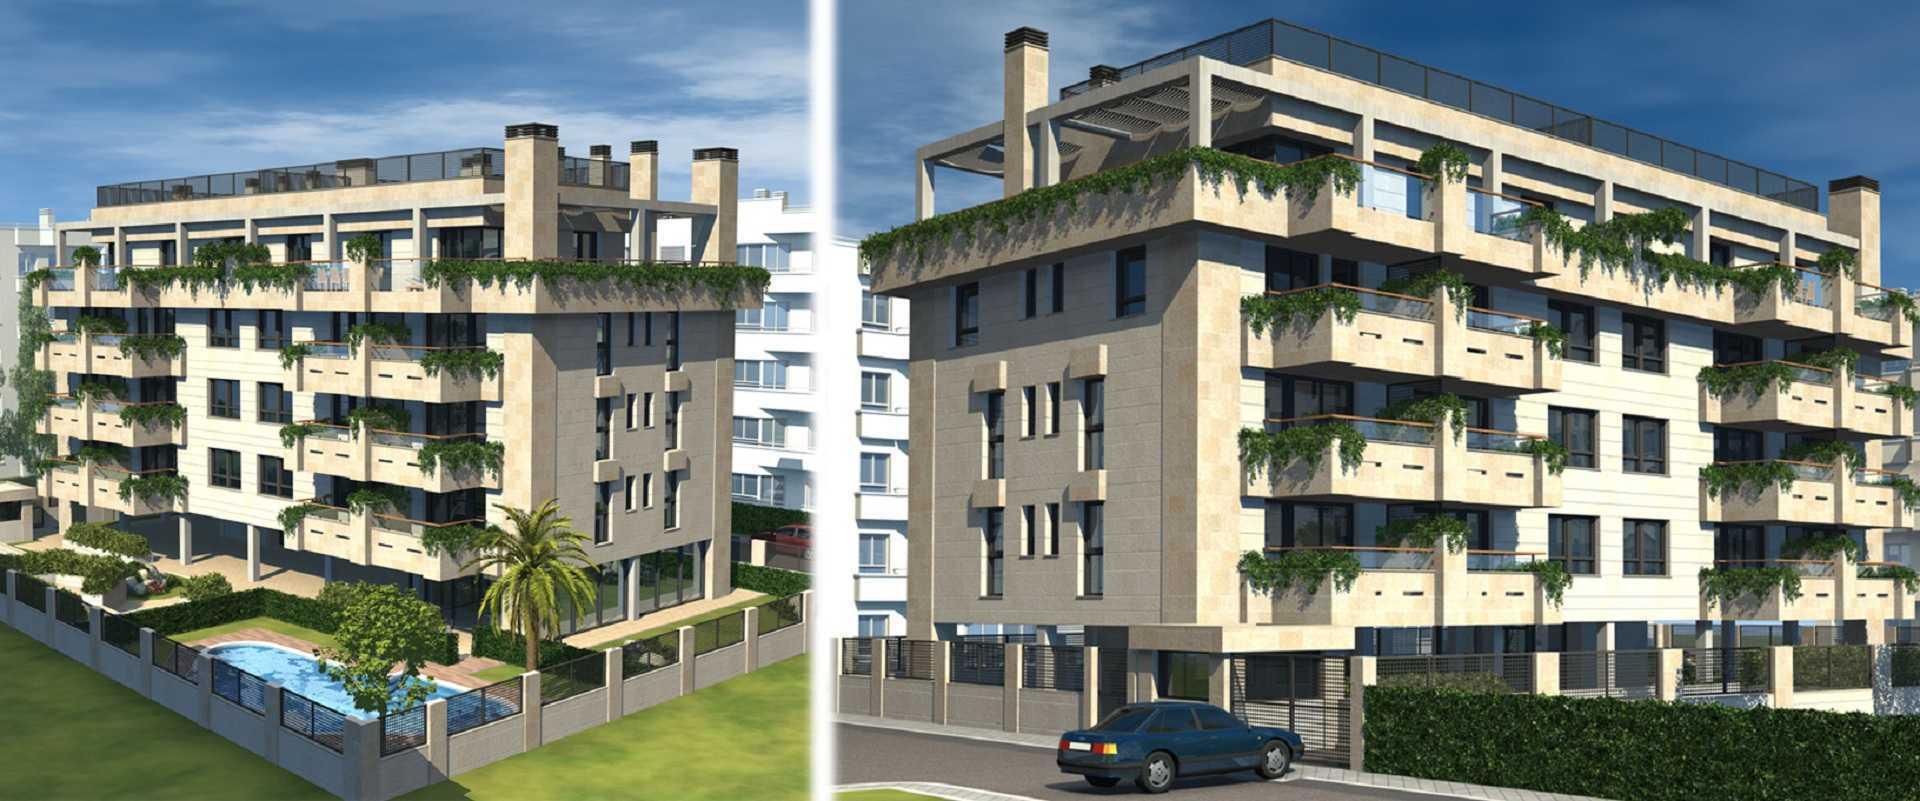 Proyectos urbanización